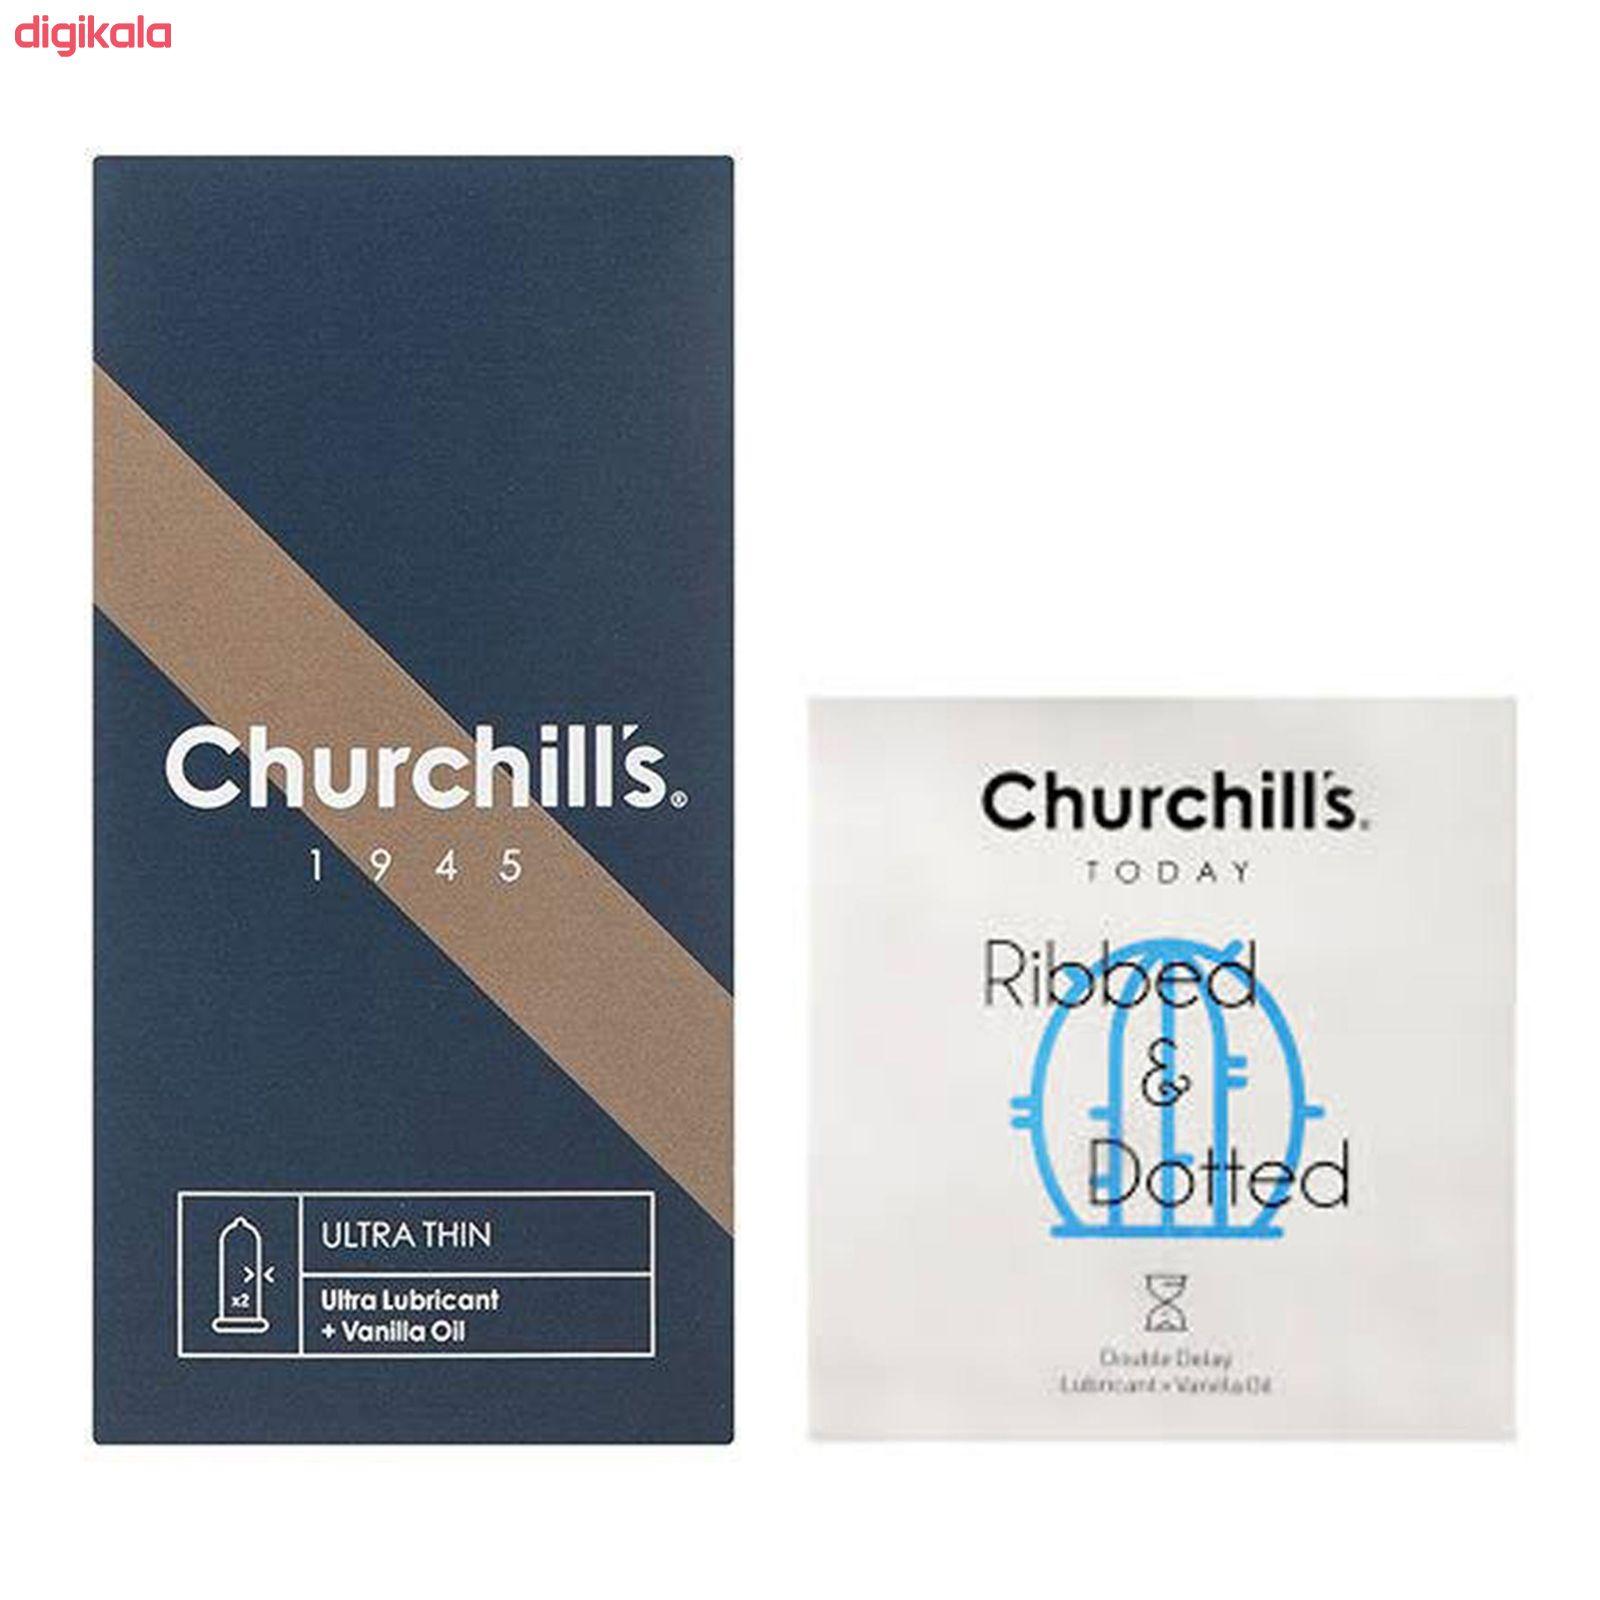 کاندوم چرچیلز مدل Ultra Thin بسته 12 عددی به همراه  کاندوم چرچیلز مدل شیاردار و خاردار بسته 3 عددی main 1 1